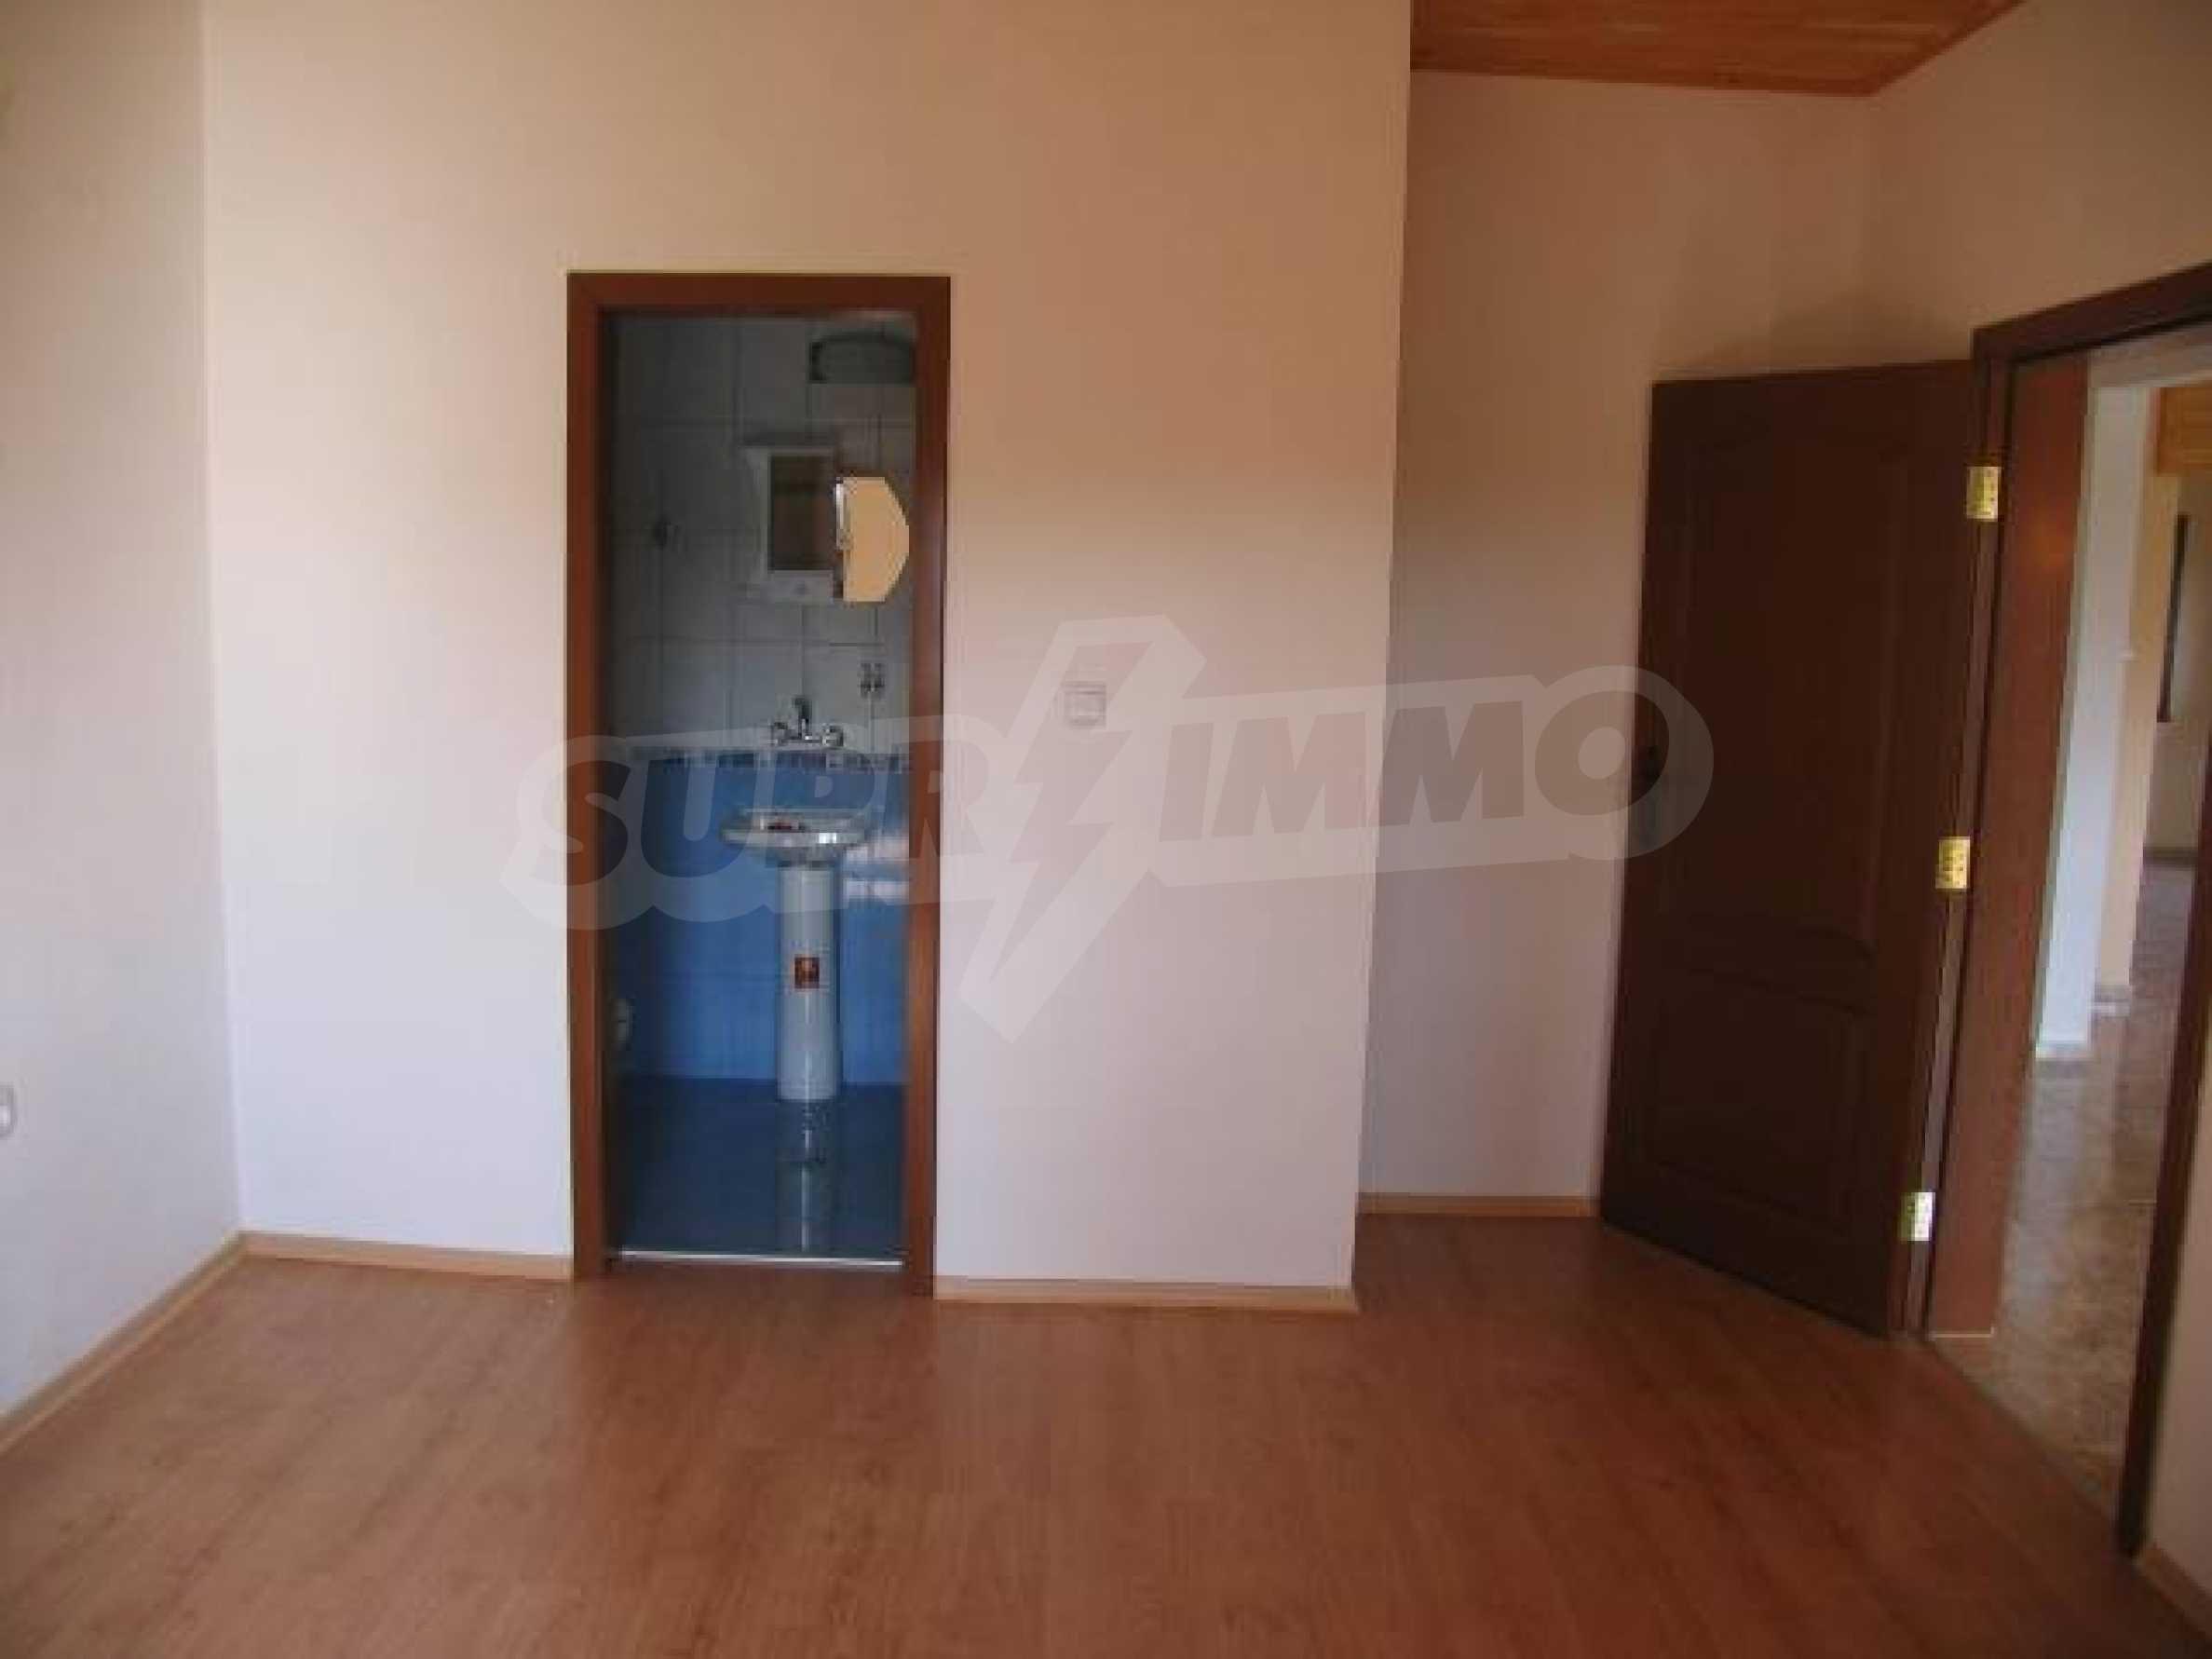 Два дома для продажи в Stefanovo деревне 25 км. от Албена 4